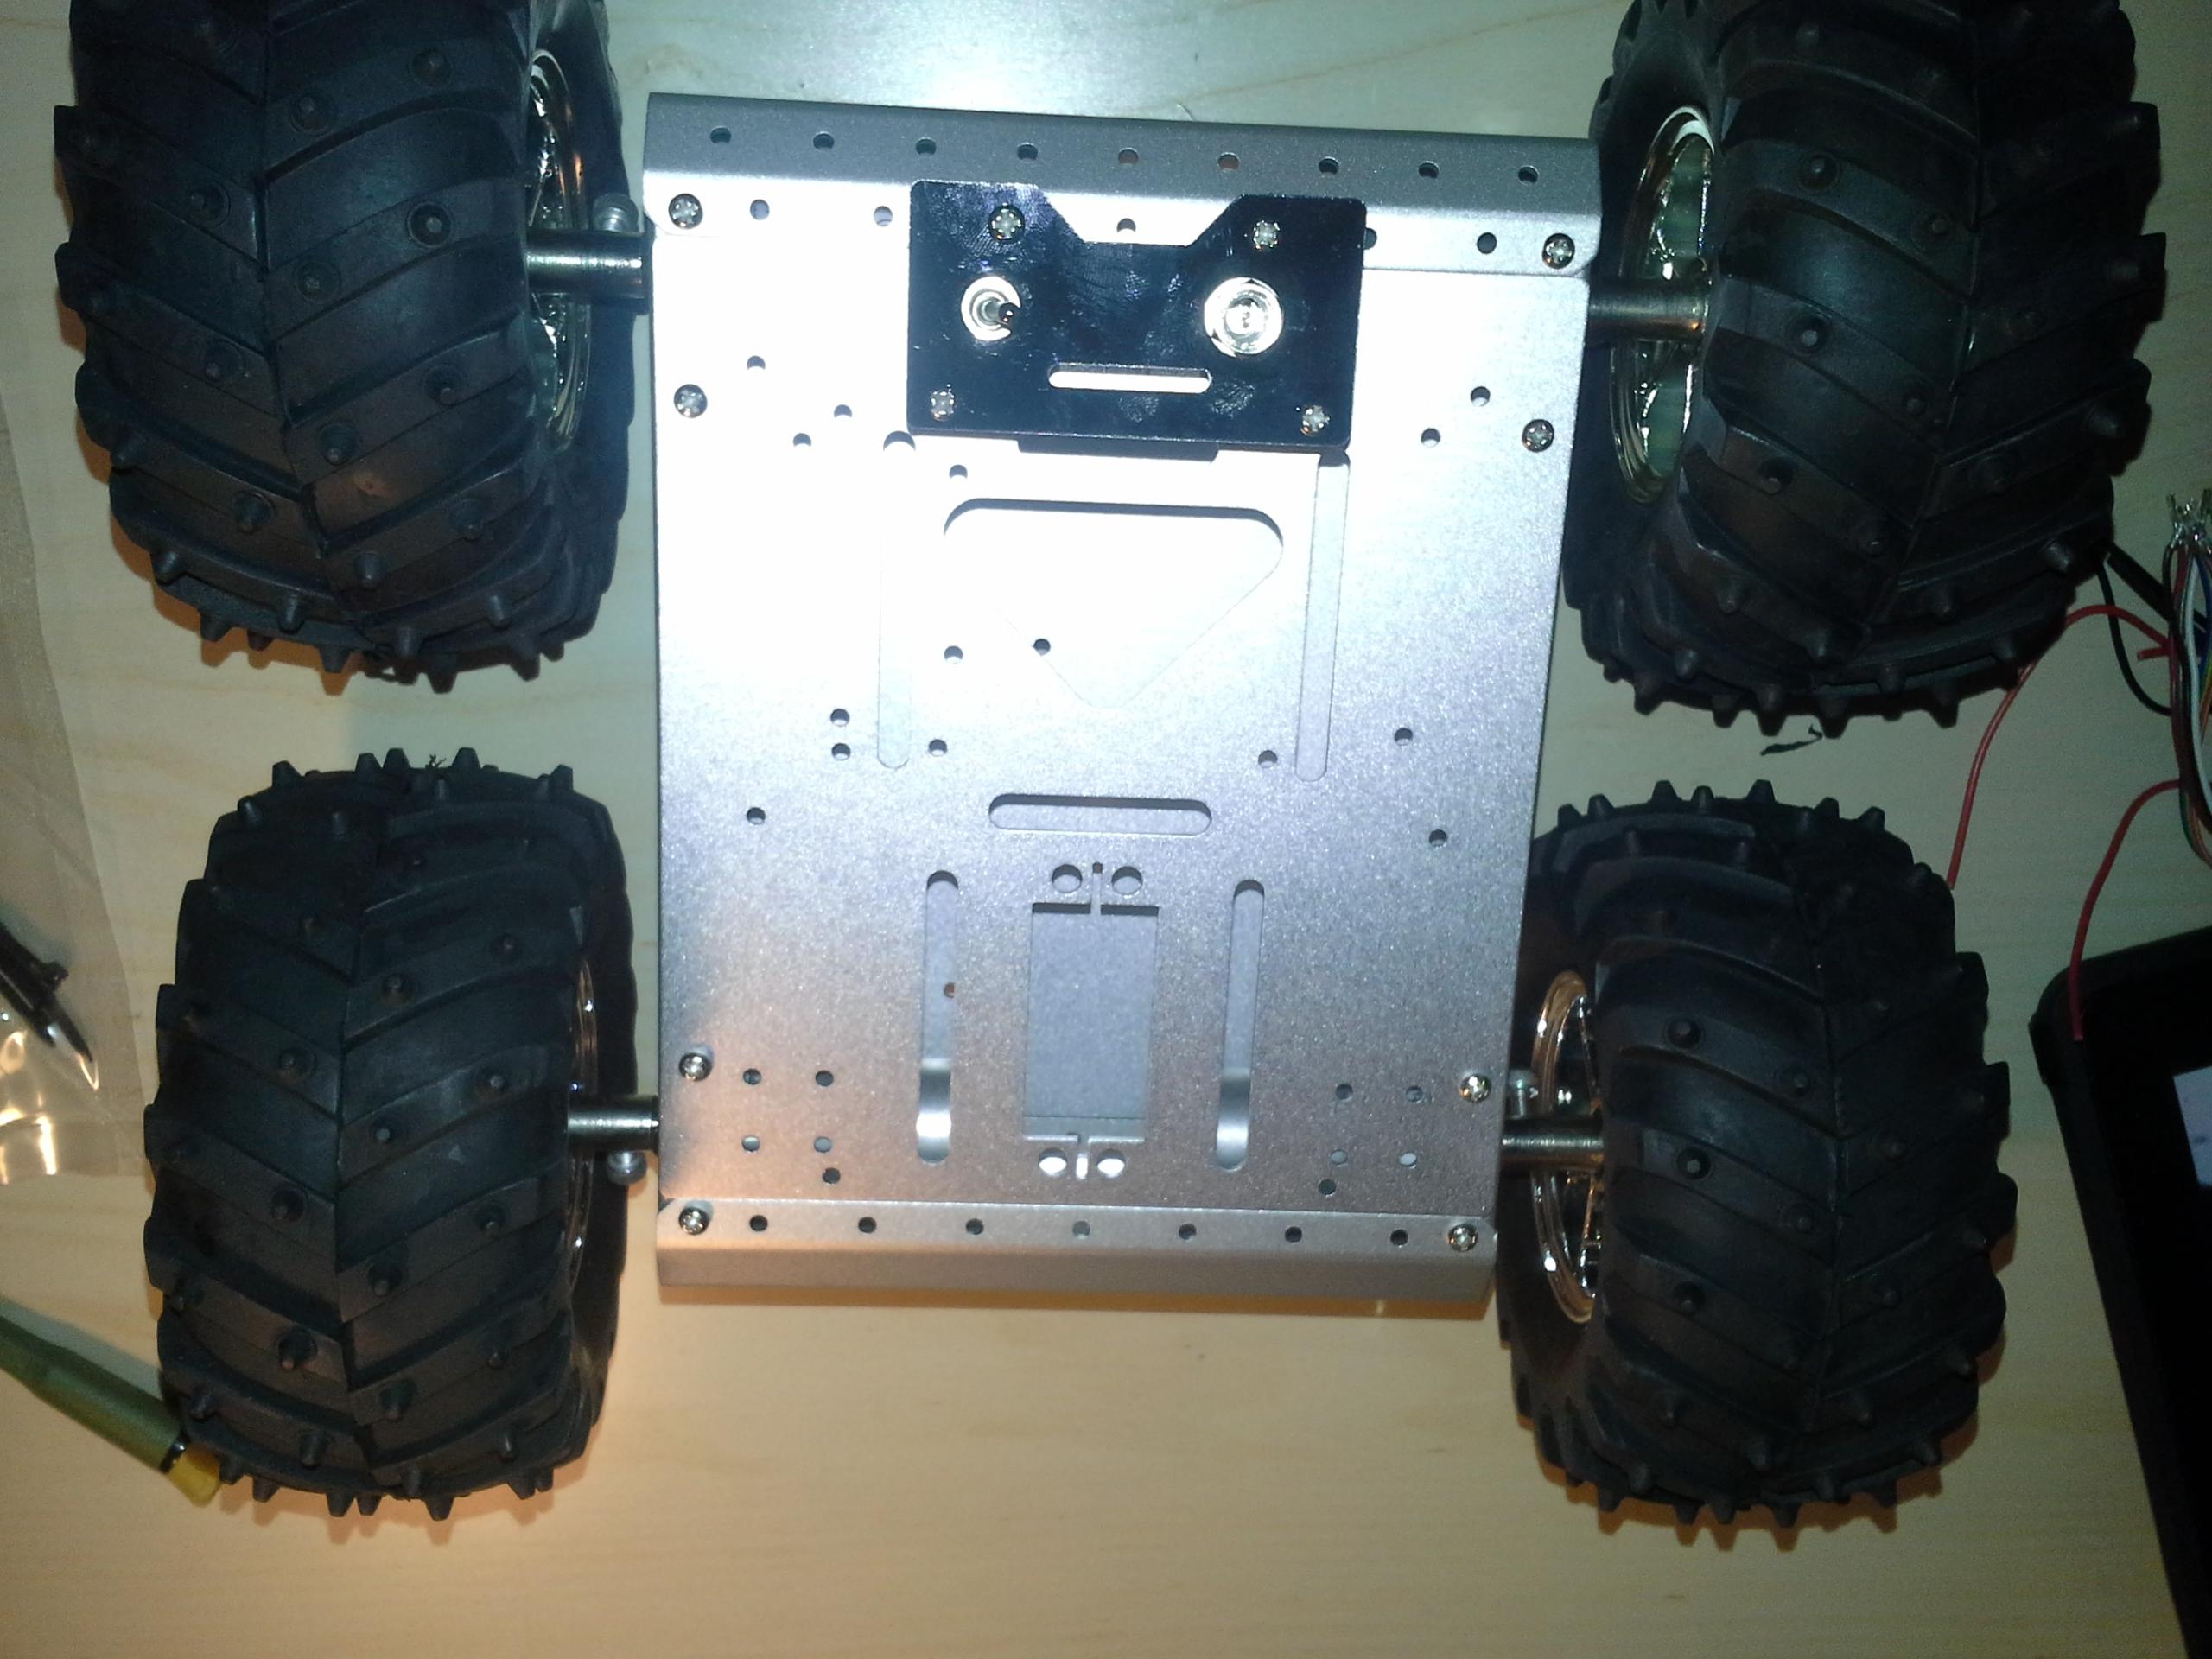 4WD Aluminium Mobile Robot Platform Bild 26: Das fertig montierte Gefährt